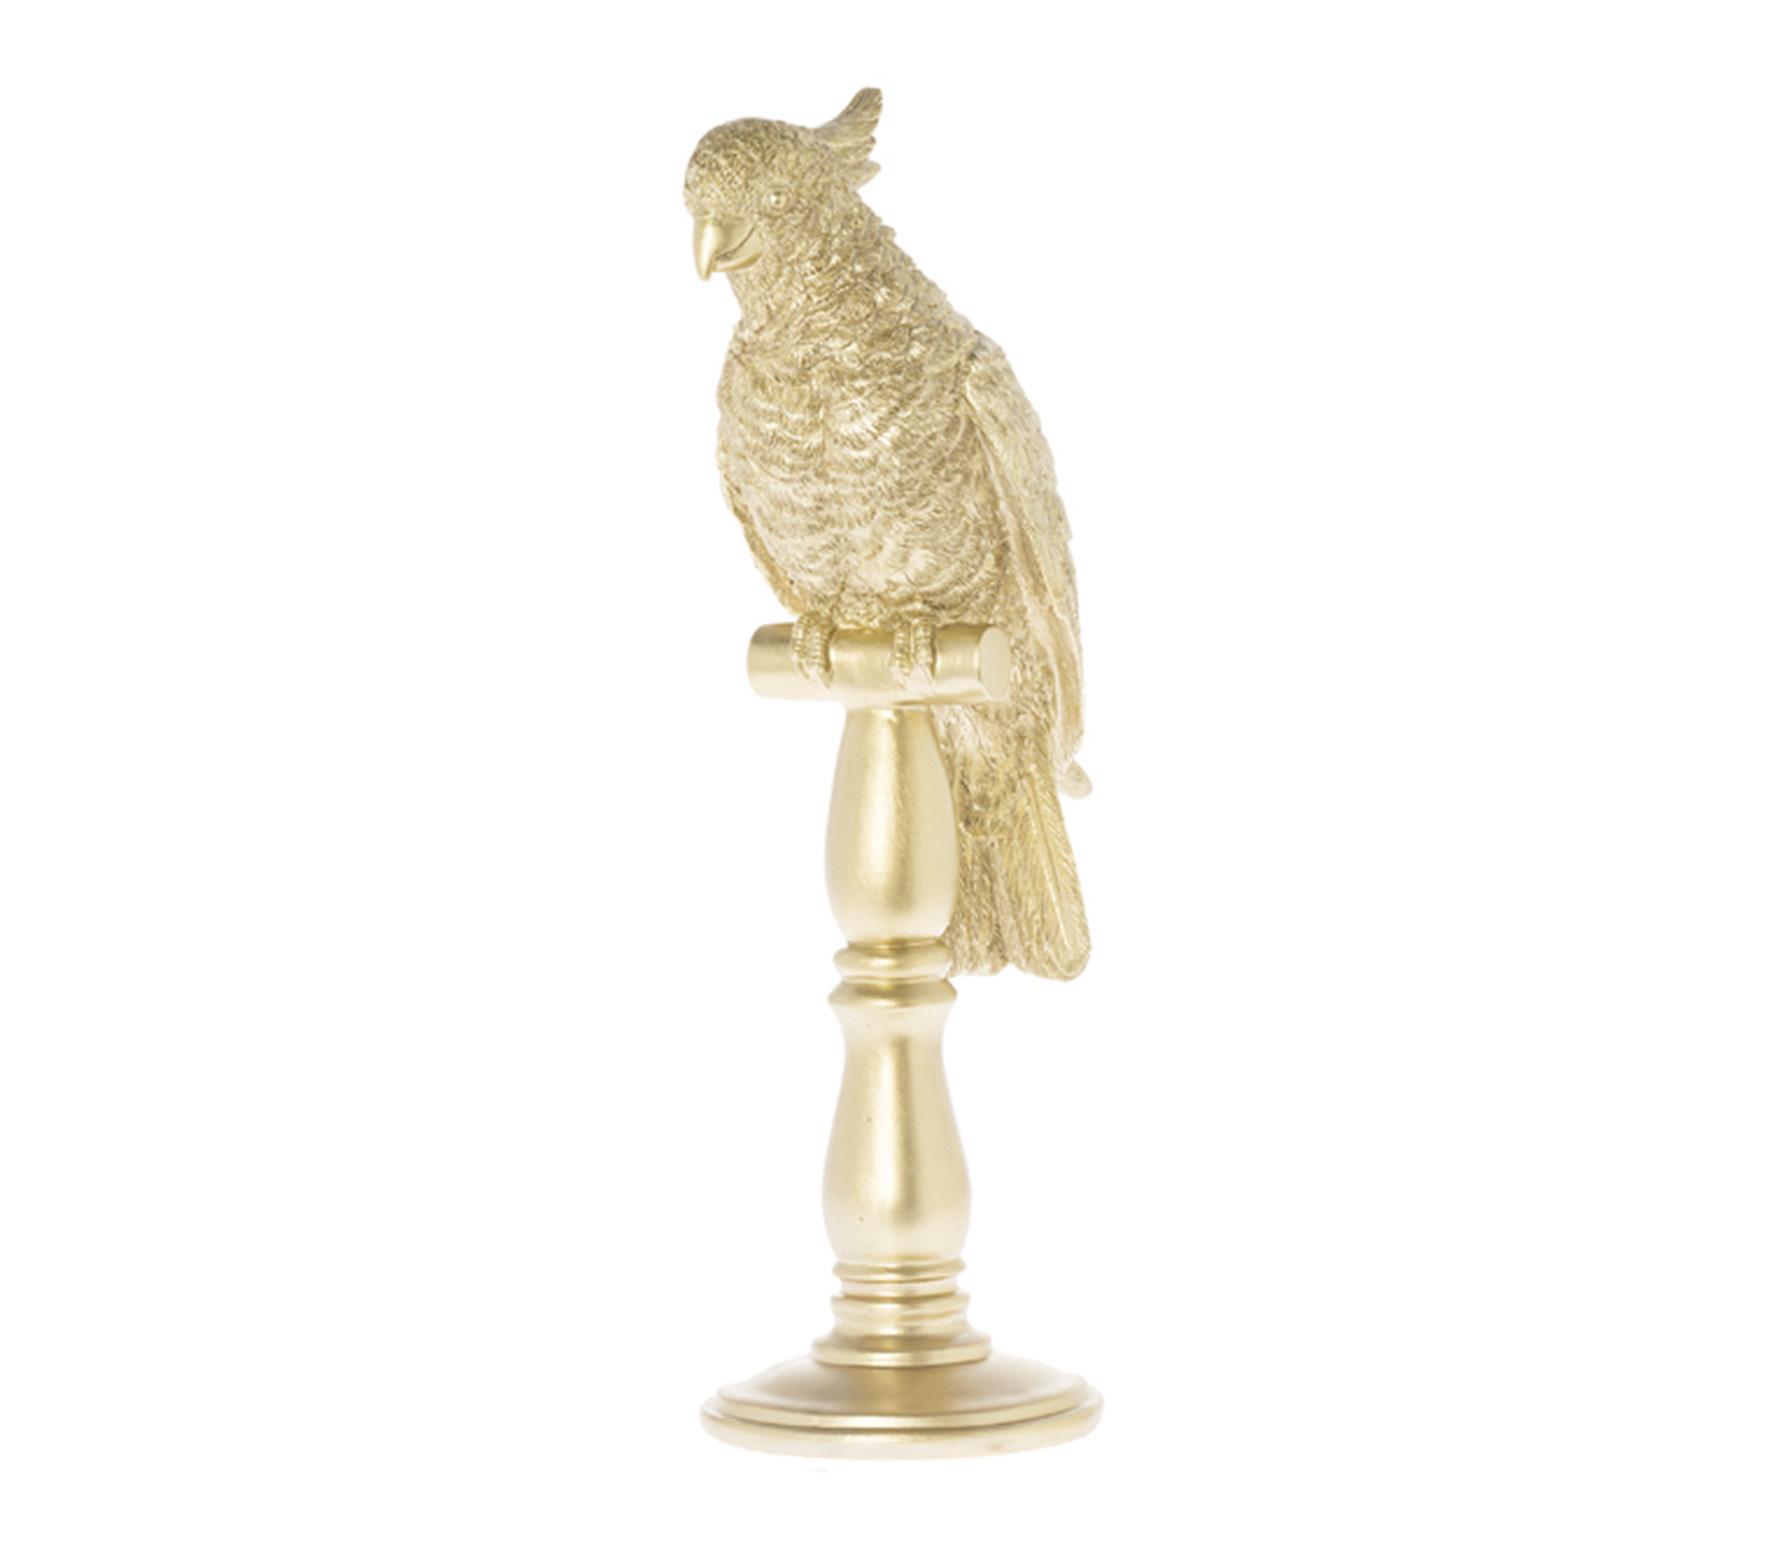 Riverdale Indy kaketoe 41 cm goud porselein